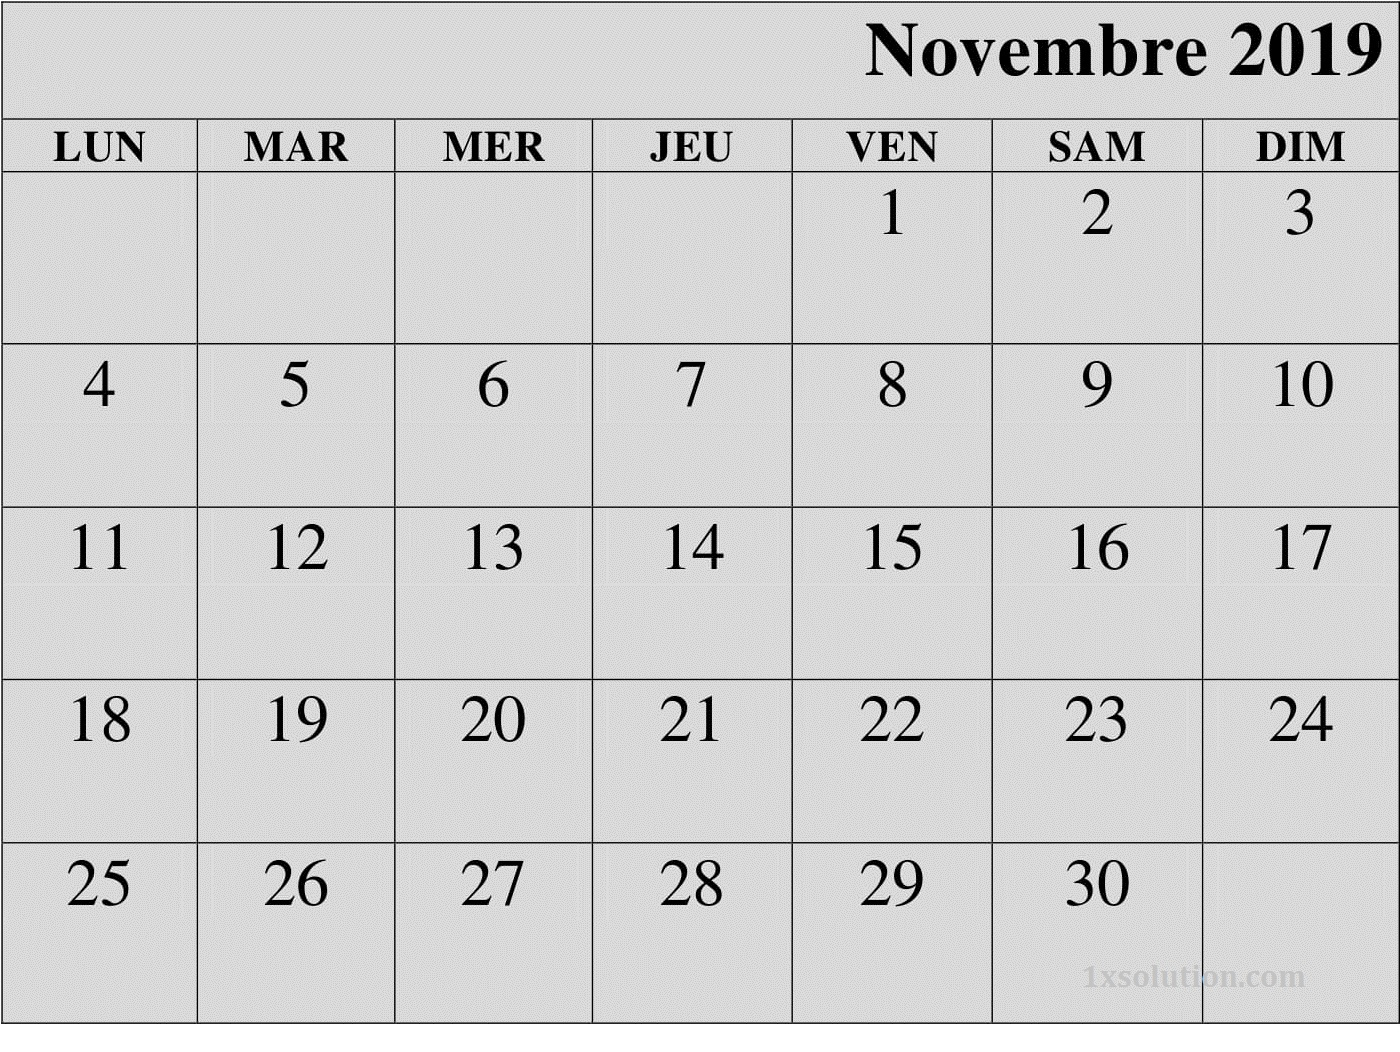 Calendrier Novembre 2019 PDF Editable